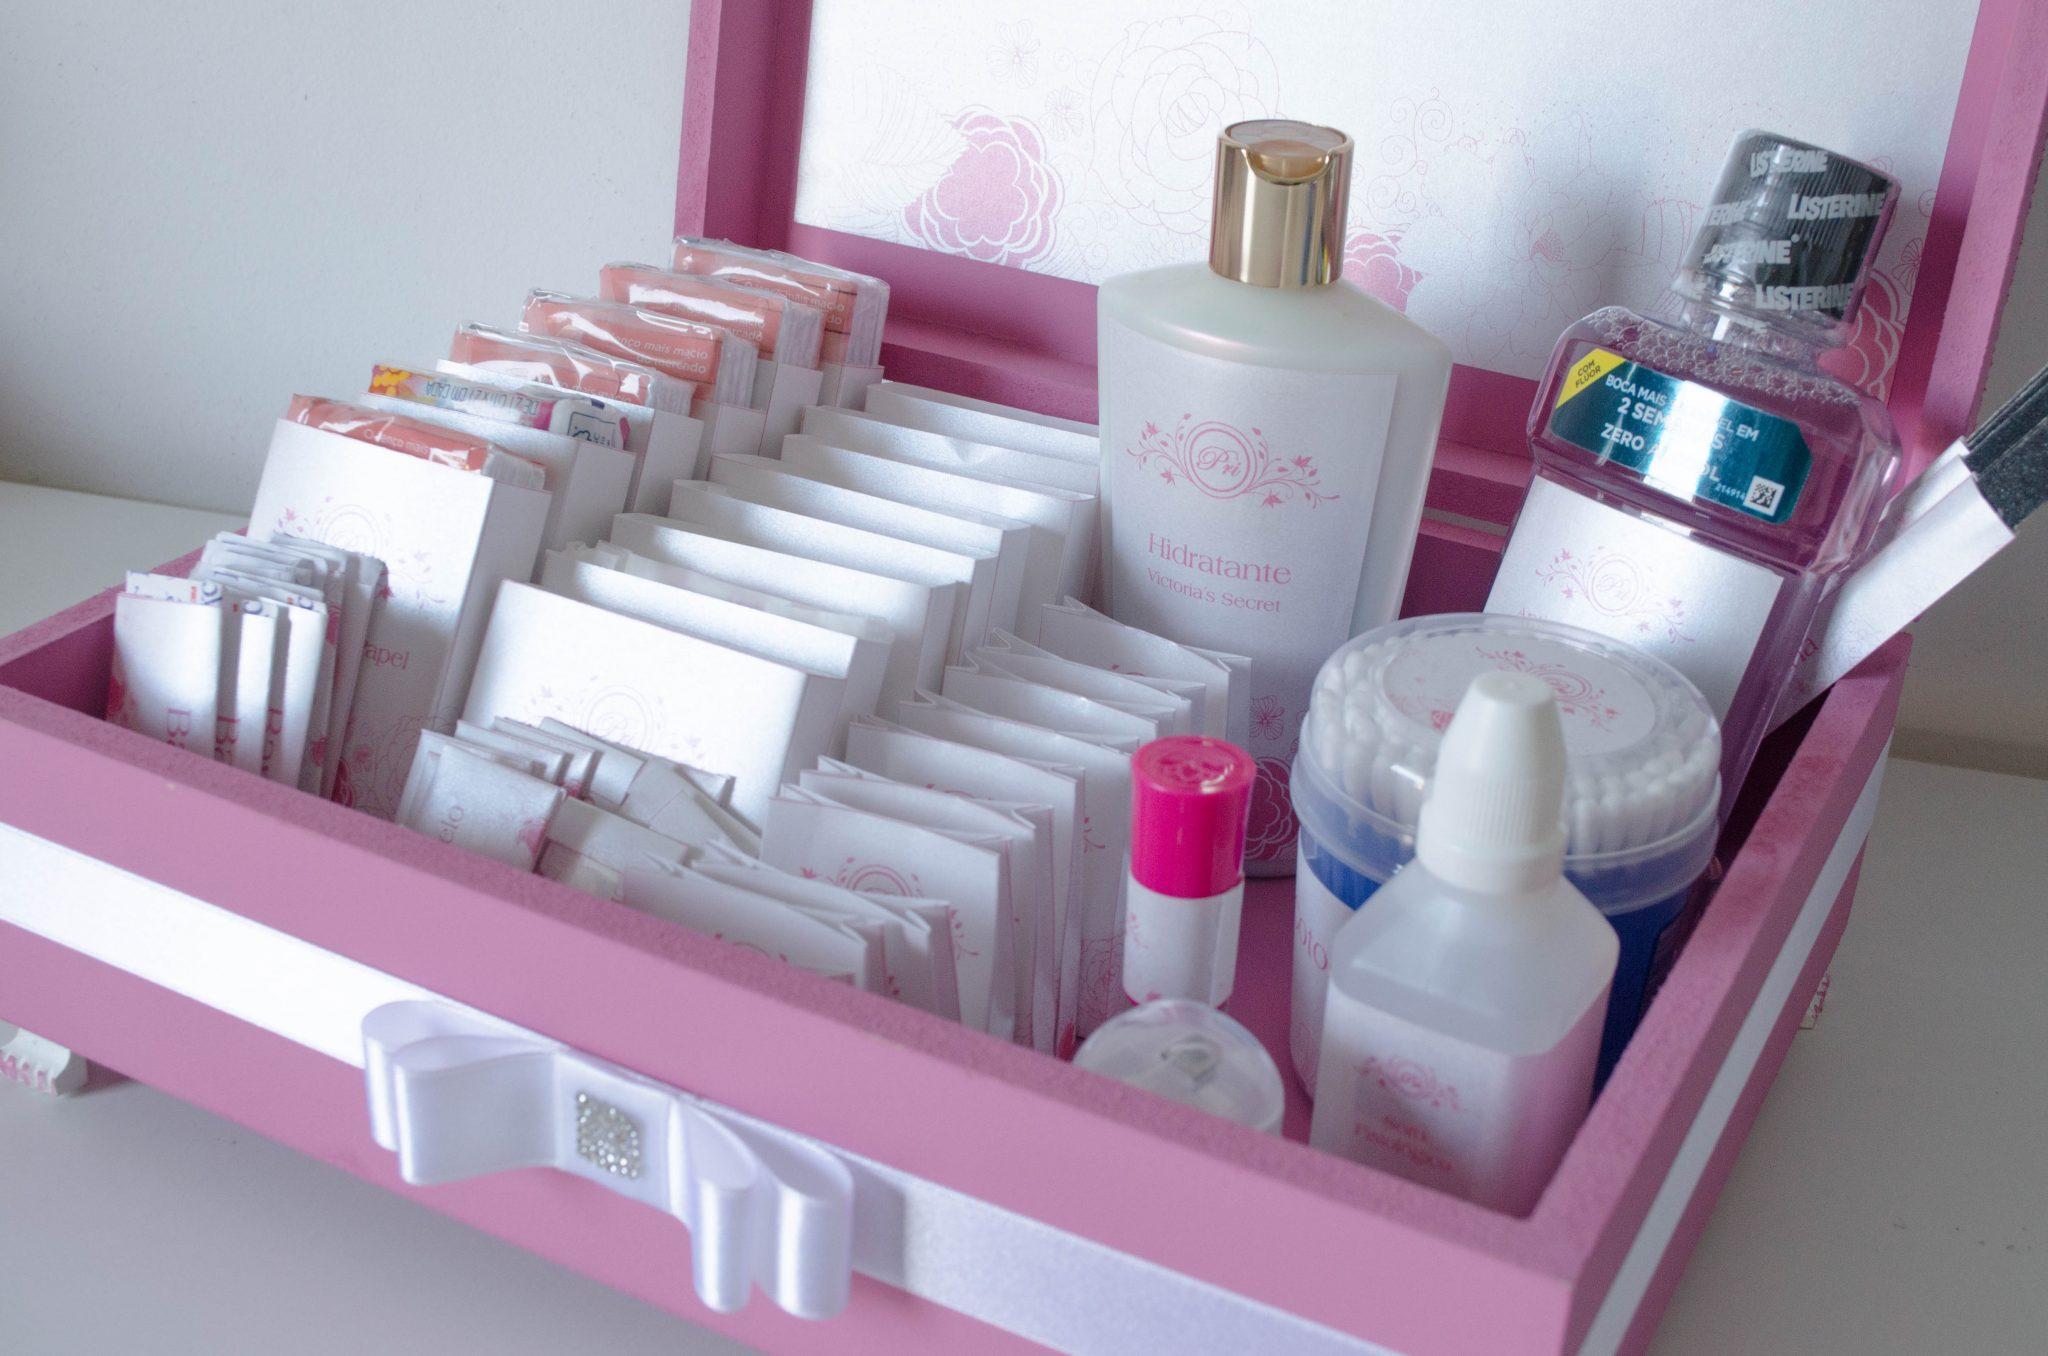 Kit-Toalete Rosa e Branco